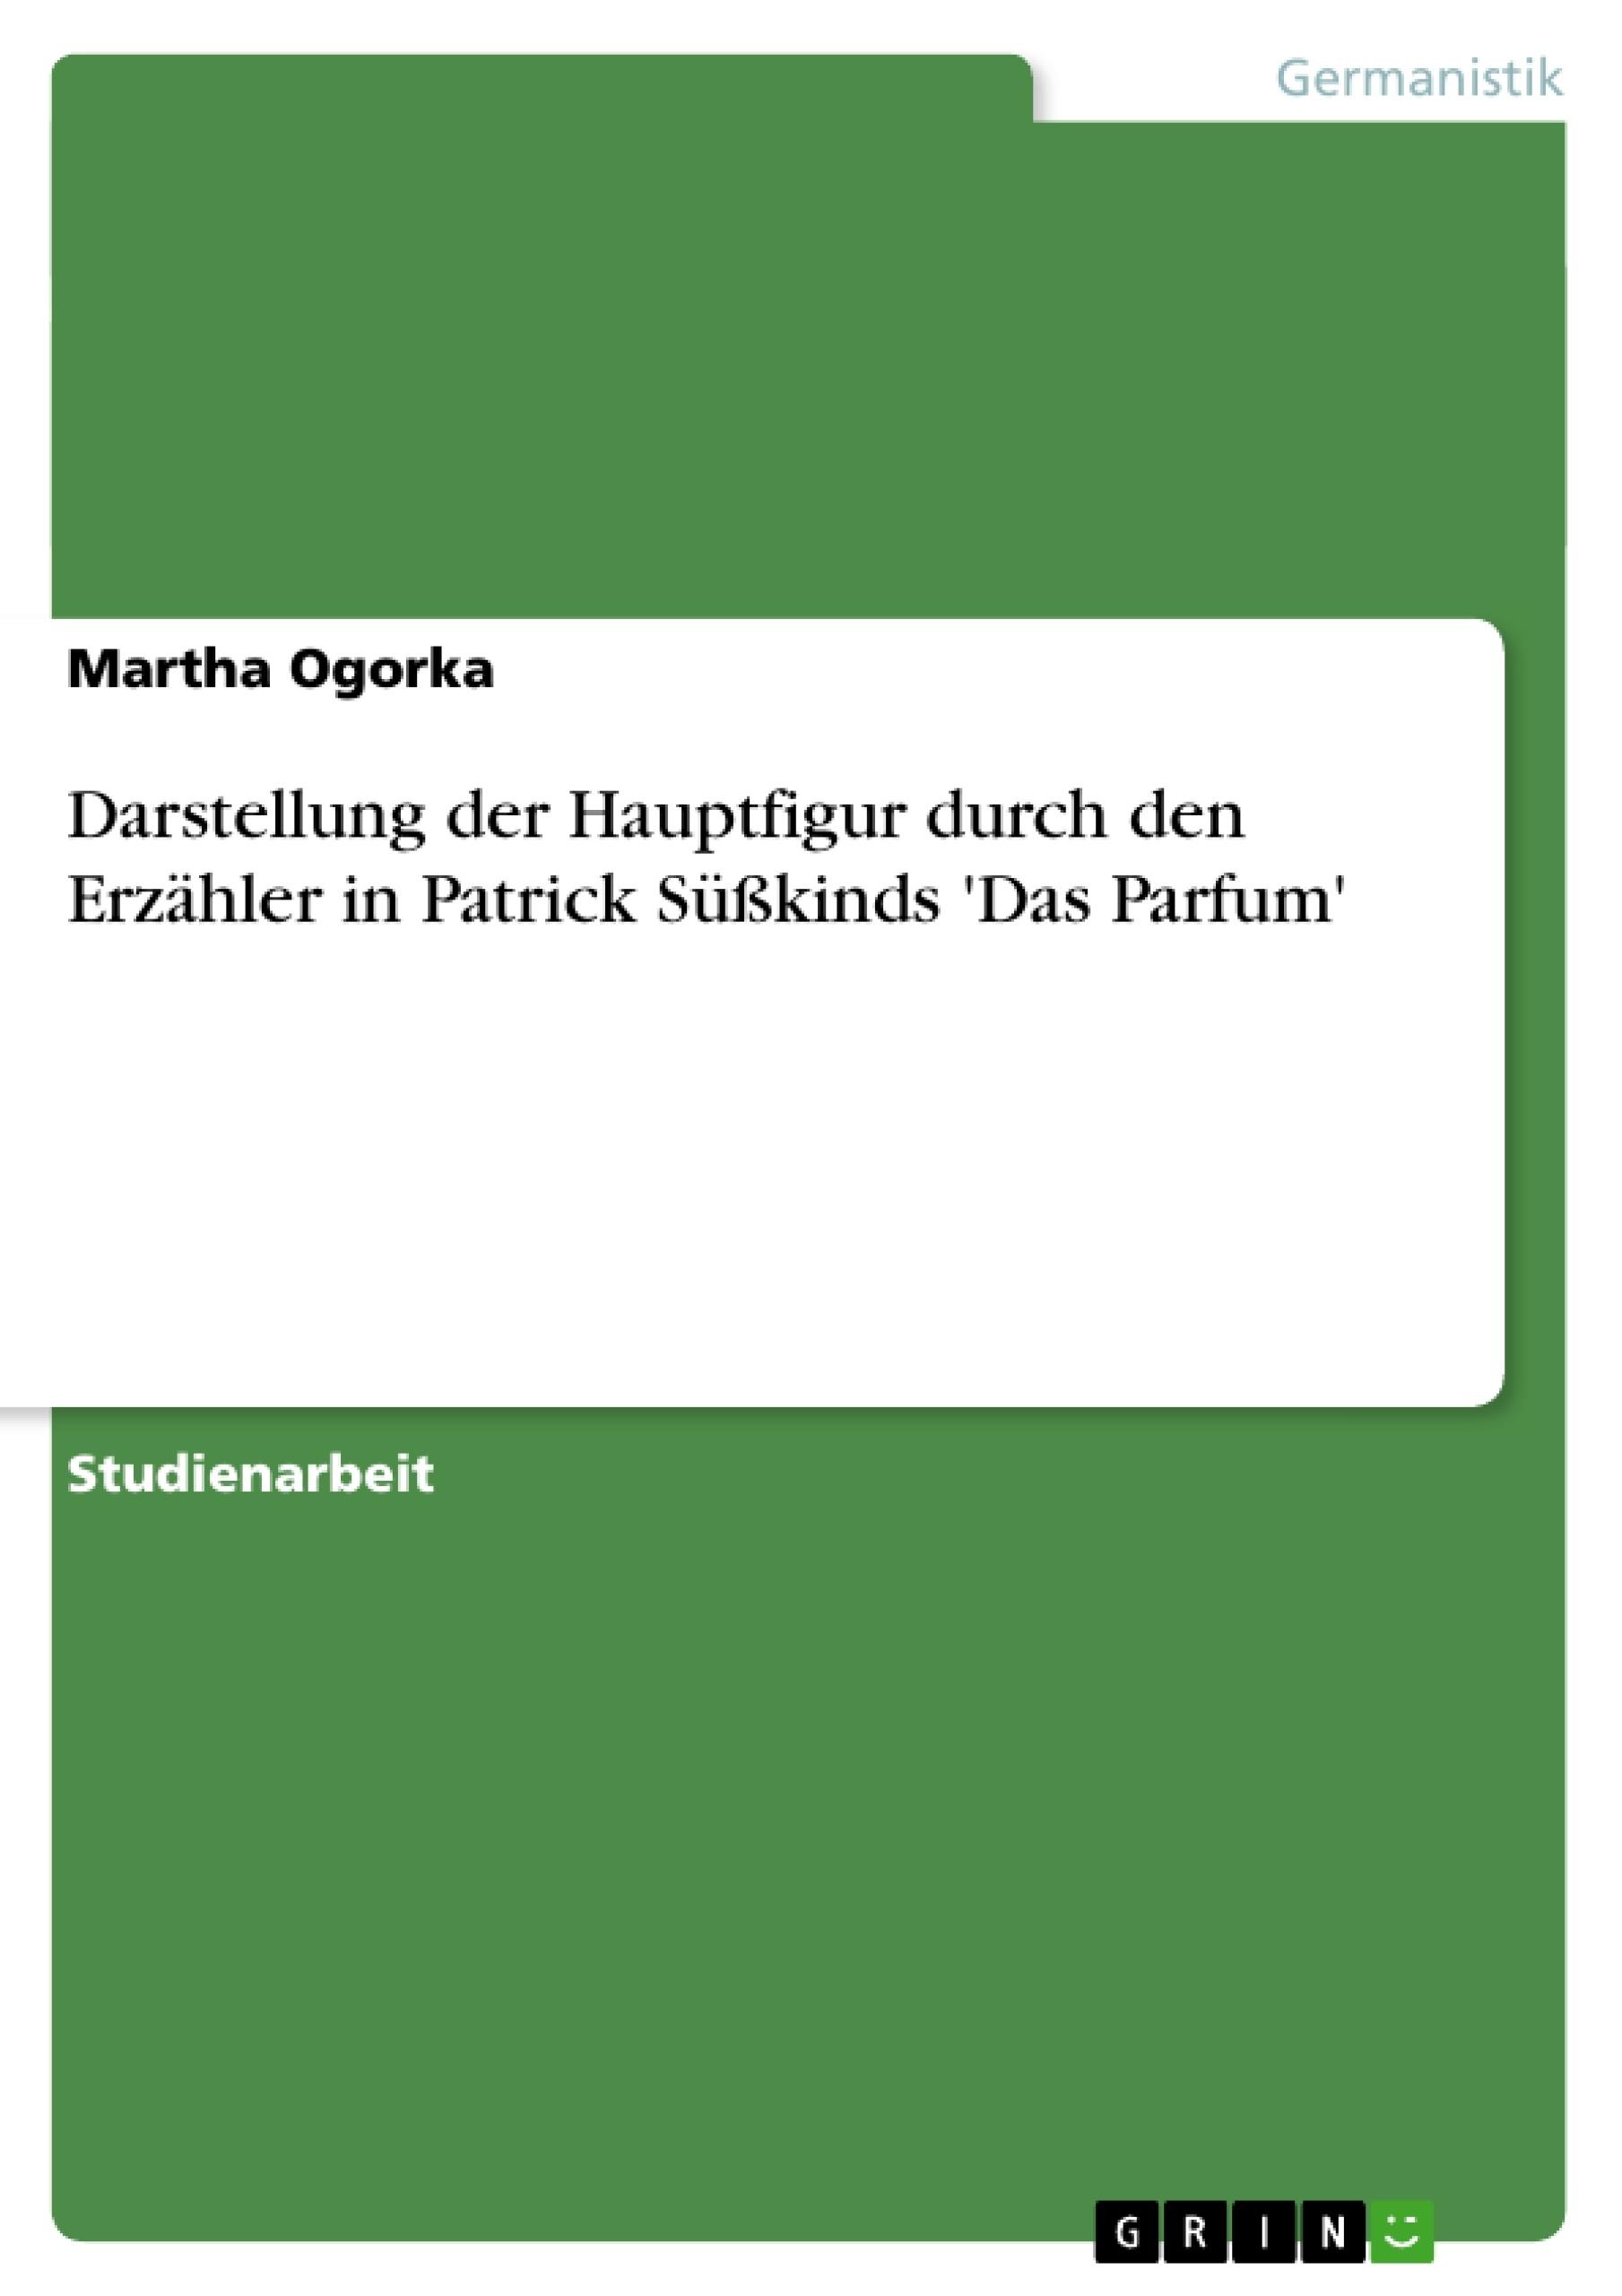 Titel: Darstellung der Hauptfigur durch den Erzähler in Patrick Süßkinds 'Das Parfum'